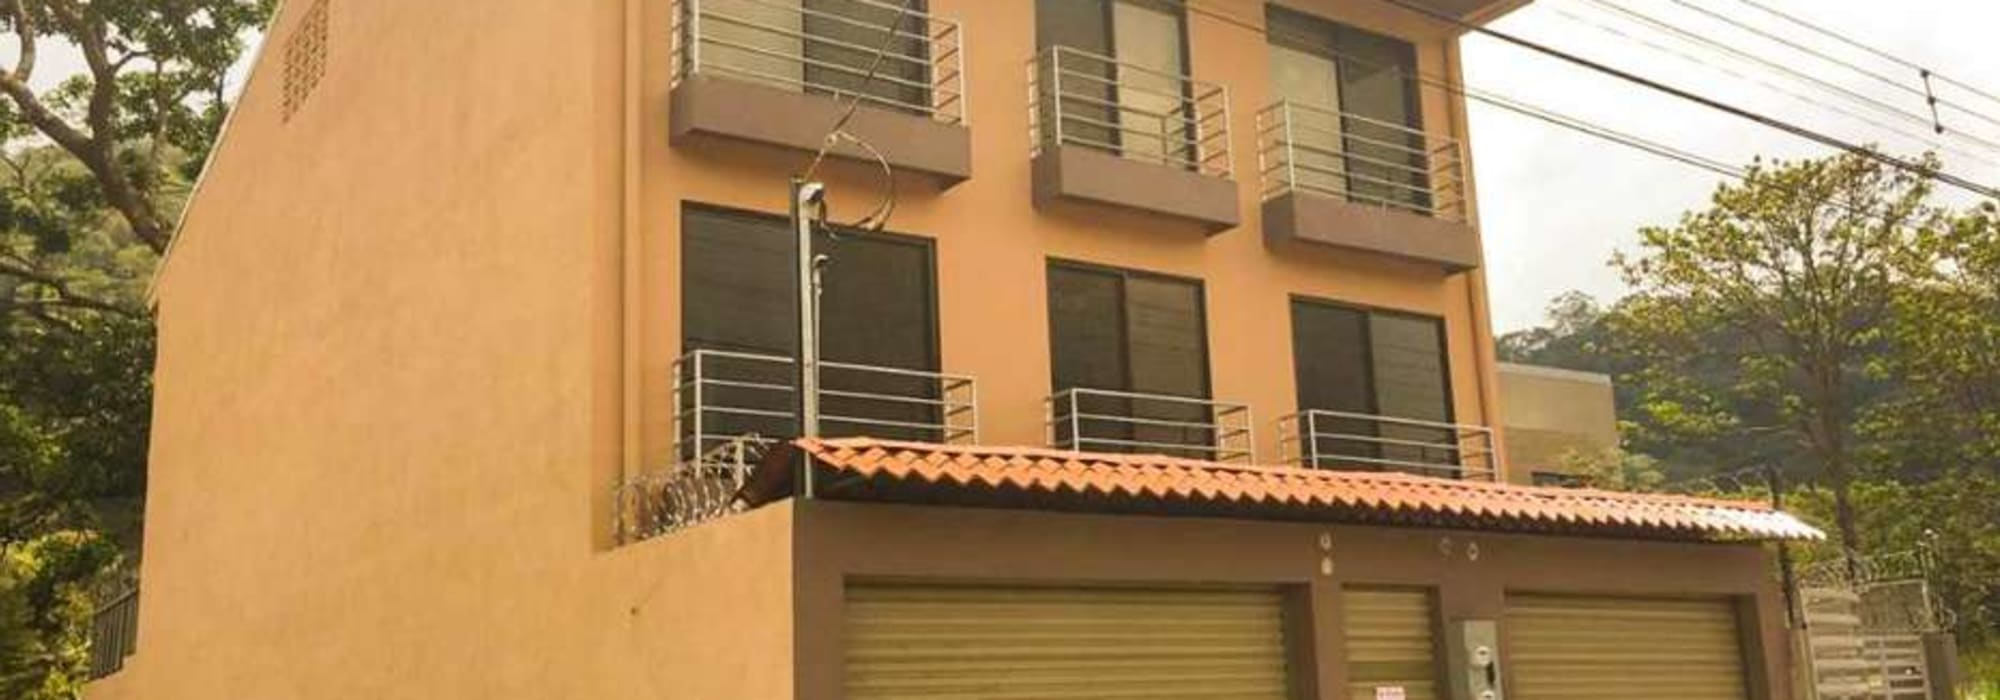 Venta de edificio de apartamentos nuevos en  Curridabat, San Jose.